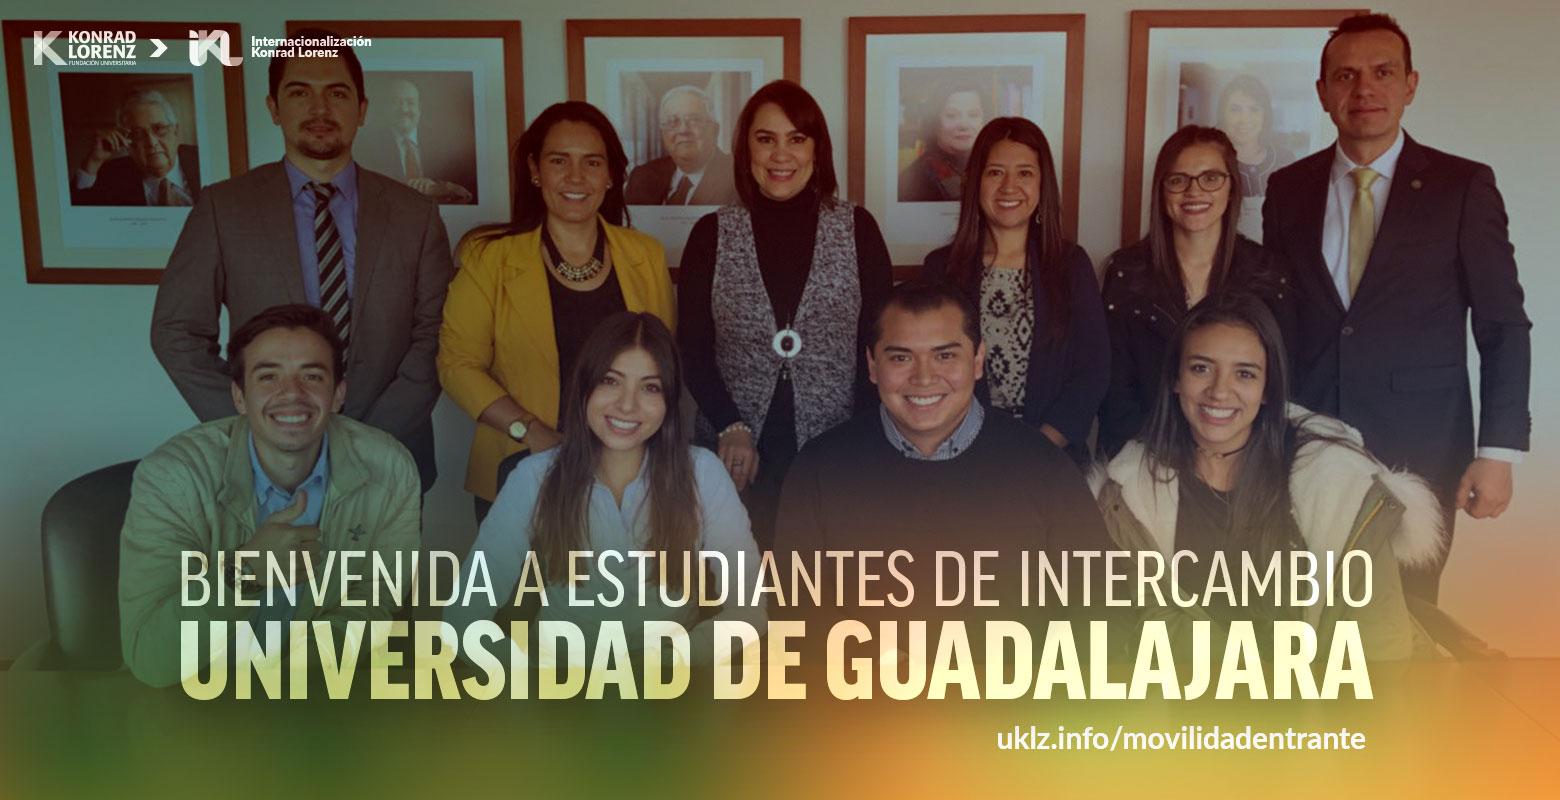 Bienvenida a estudiantes de intercambio Universidad de Guadalajara